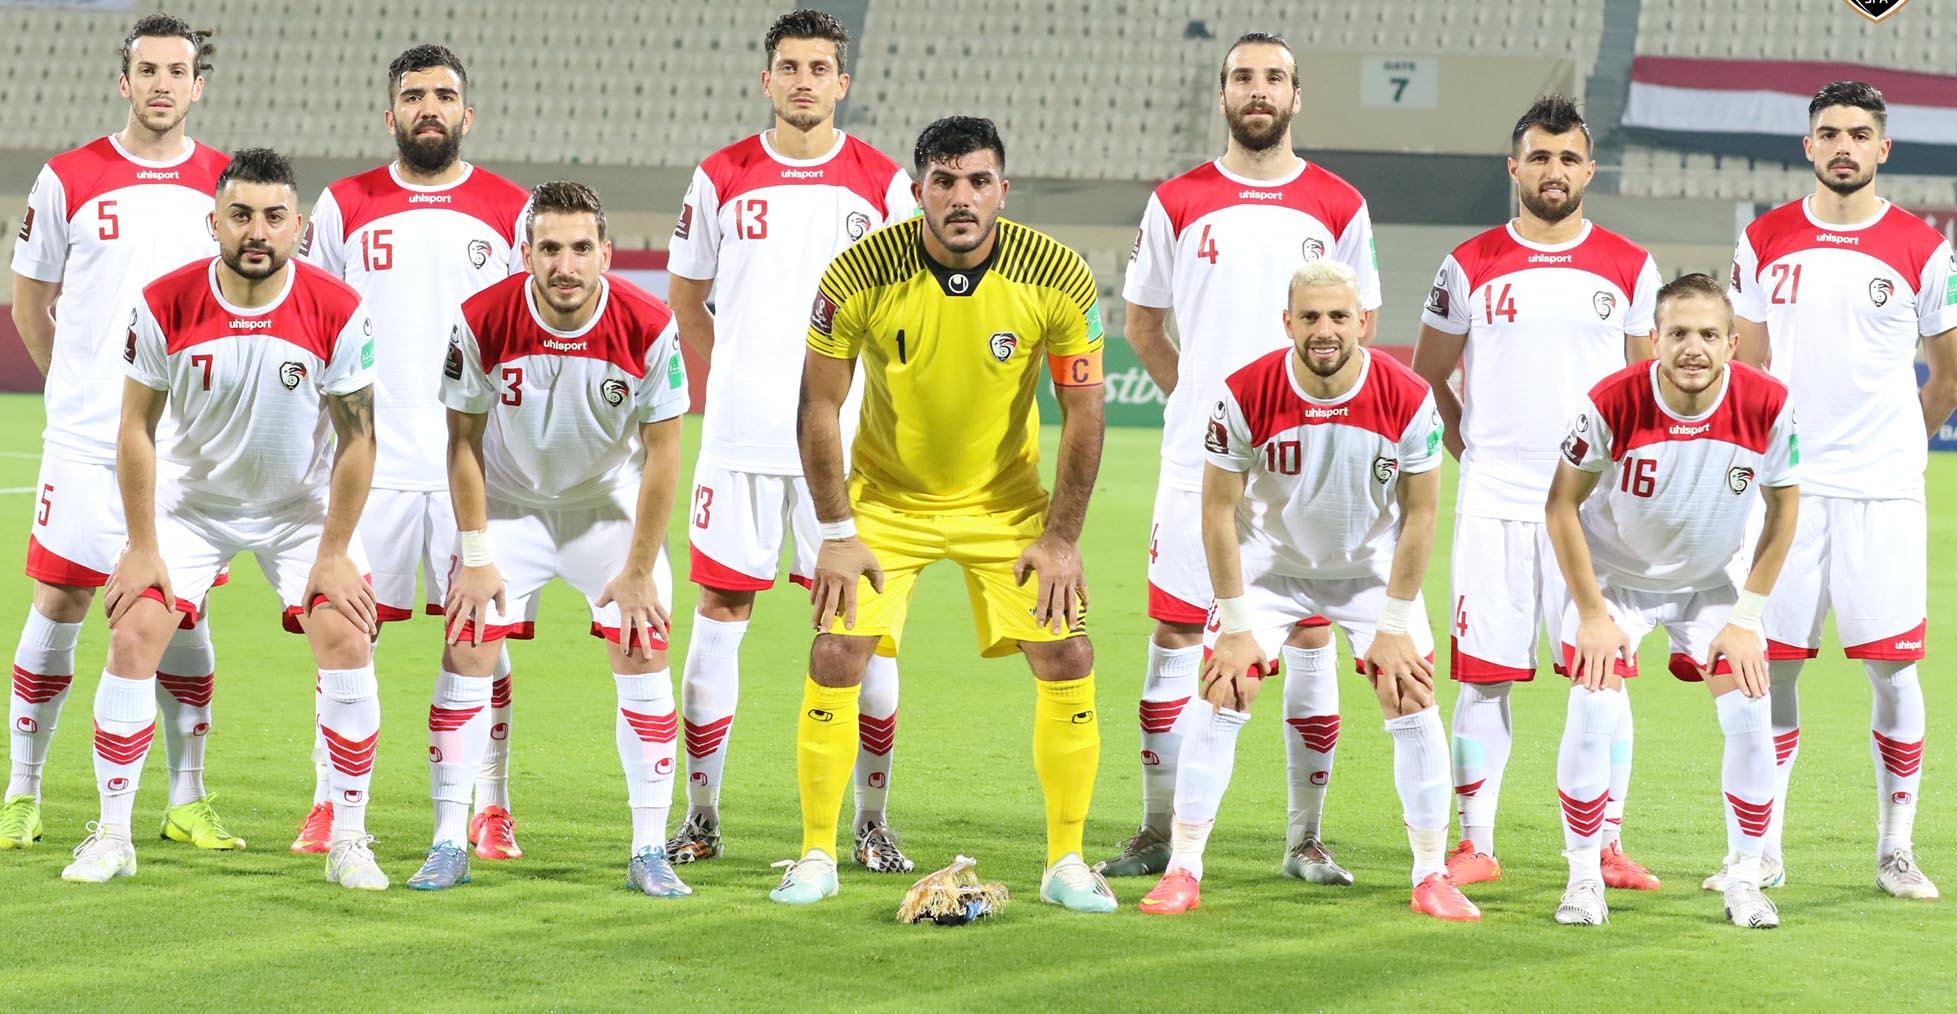 منتخبنا بكرة القدم حافظ على العلامة الكاملة والصدارة ... وضمن تأهله إلى النهائيات الآسيوية والدور الحاسم من تصفيات كأس العالم